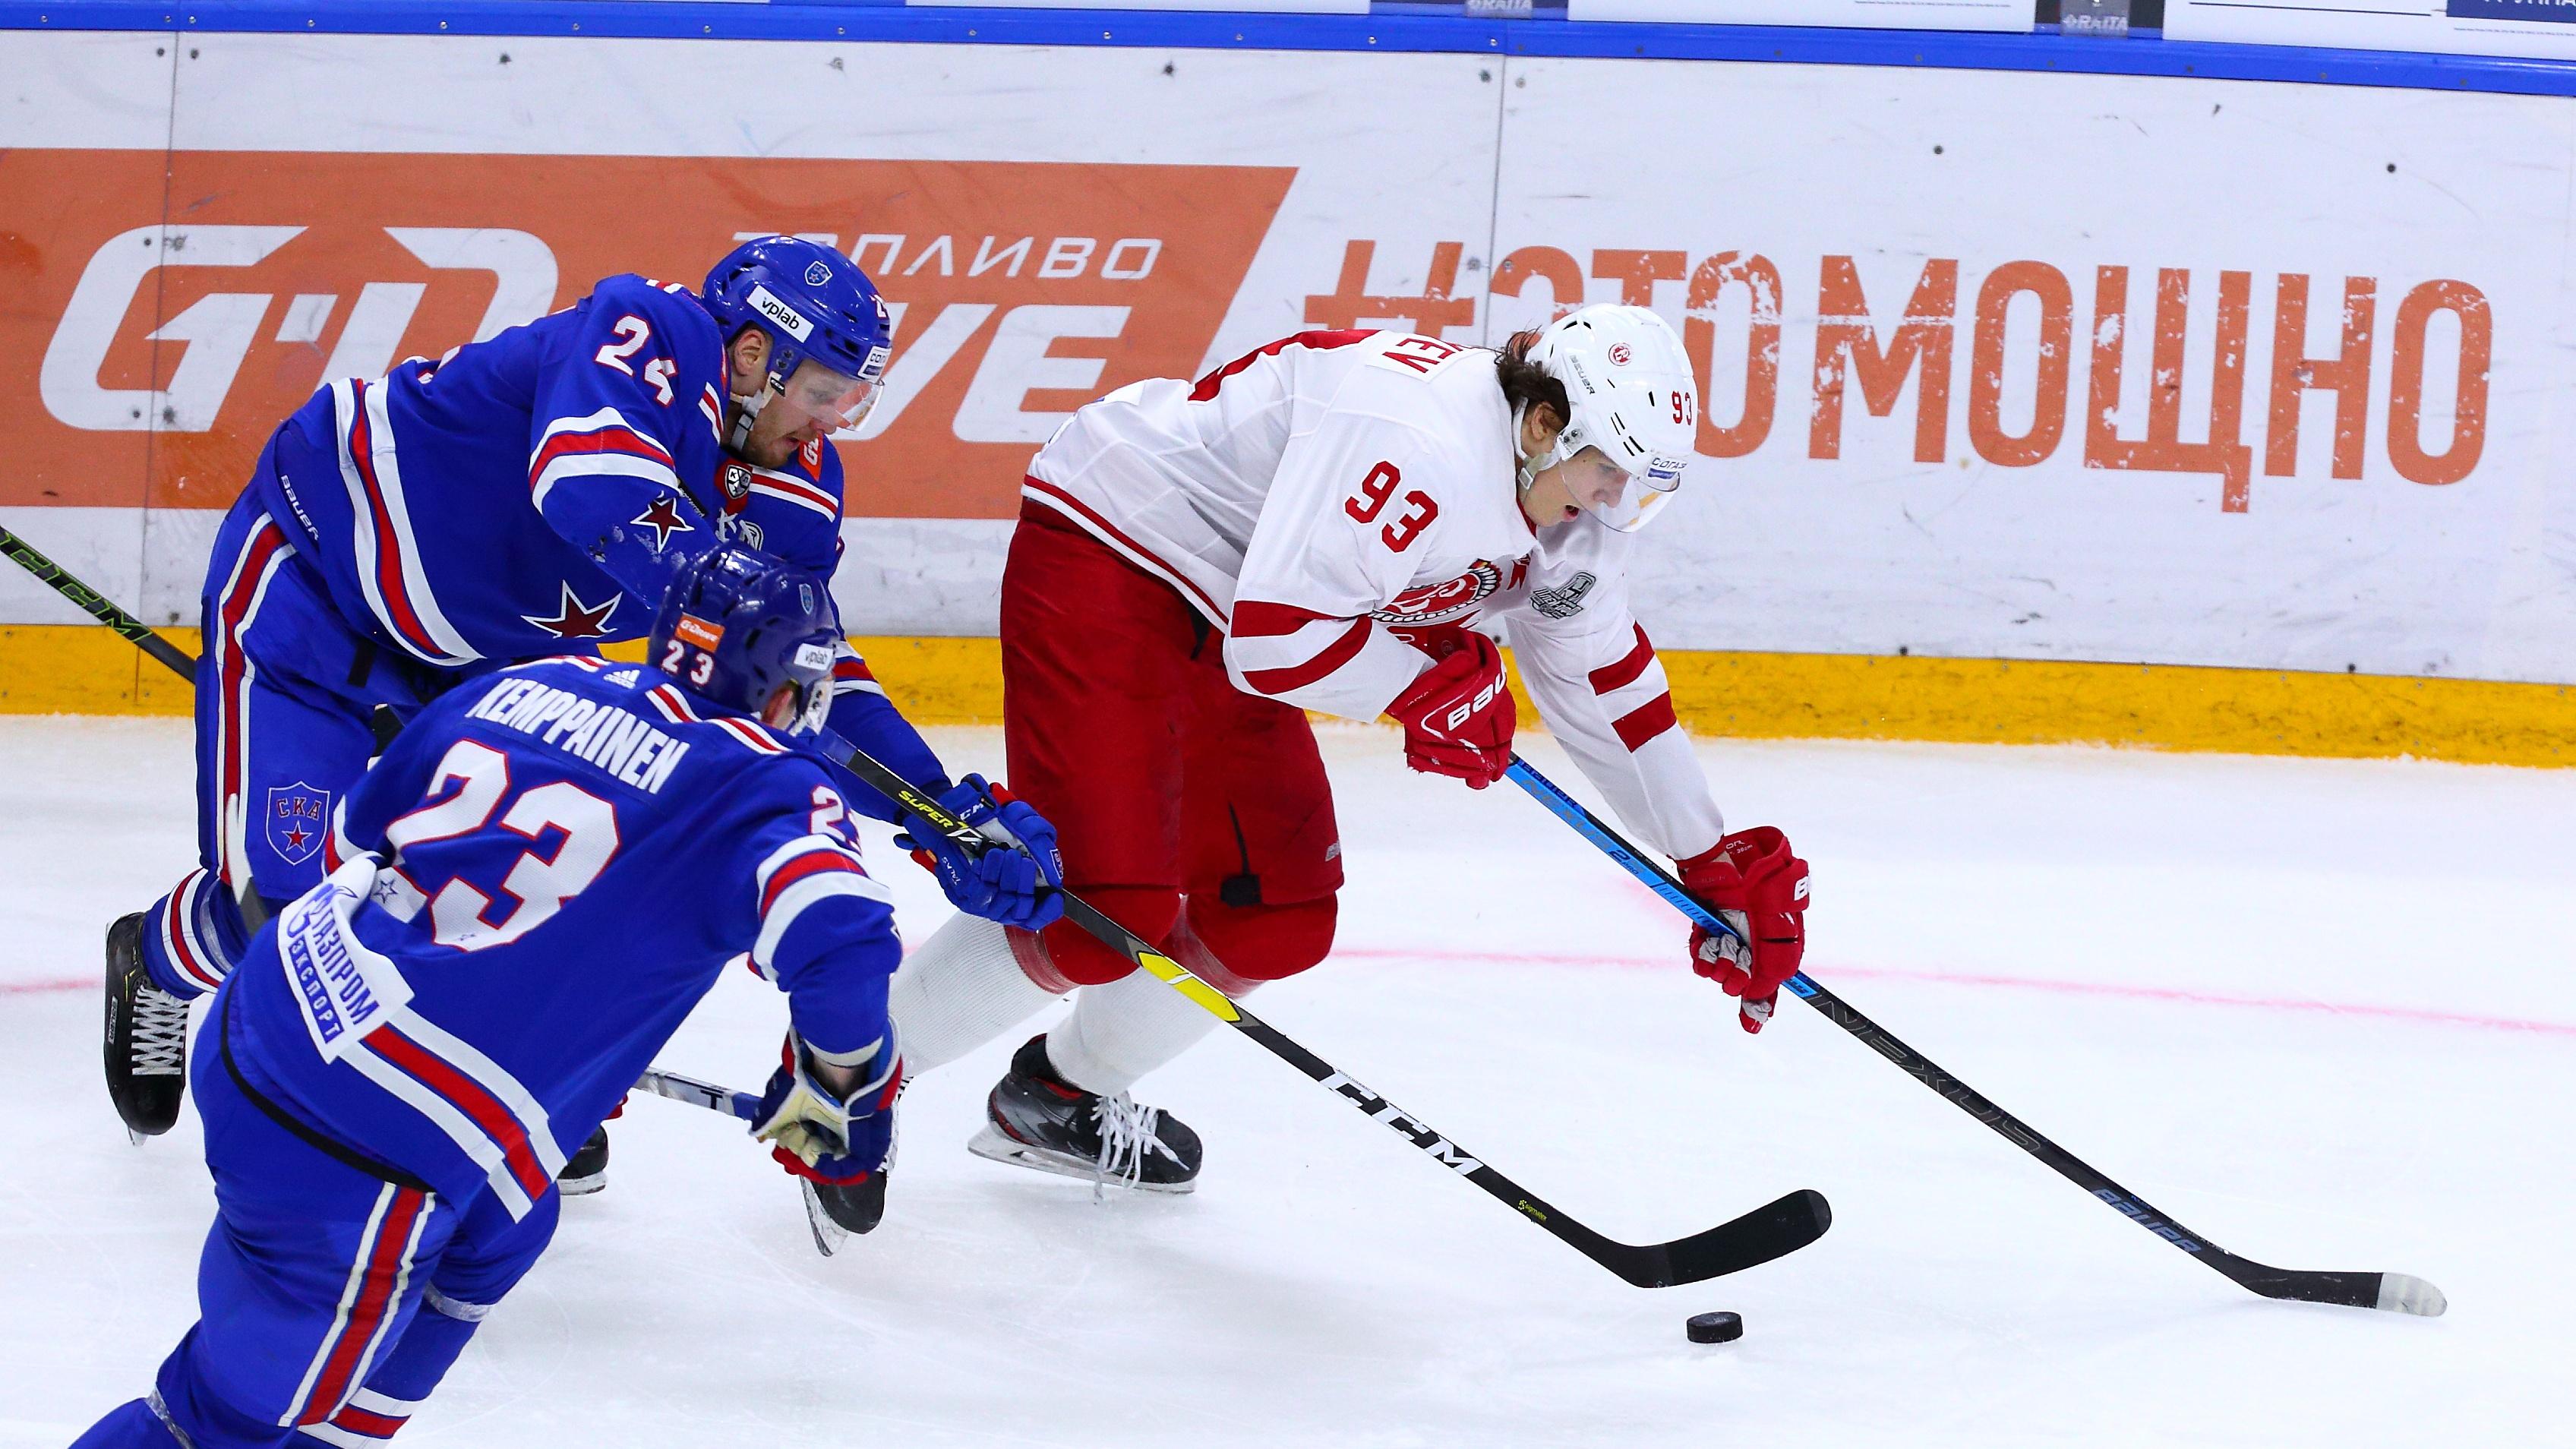 В КХЛ решили не определять чемпиона Лиги и обладателя Кубка Гагарина